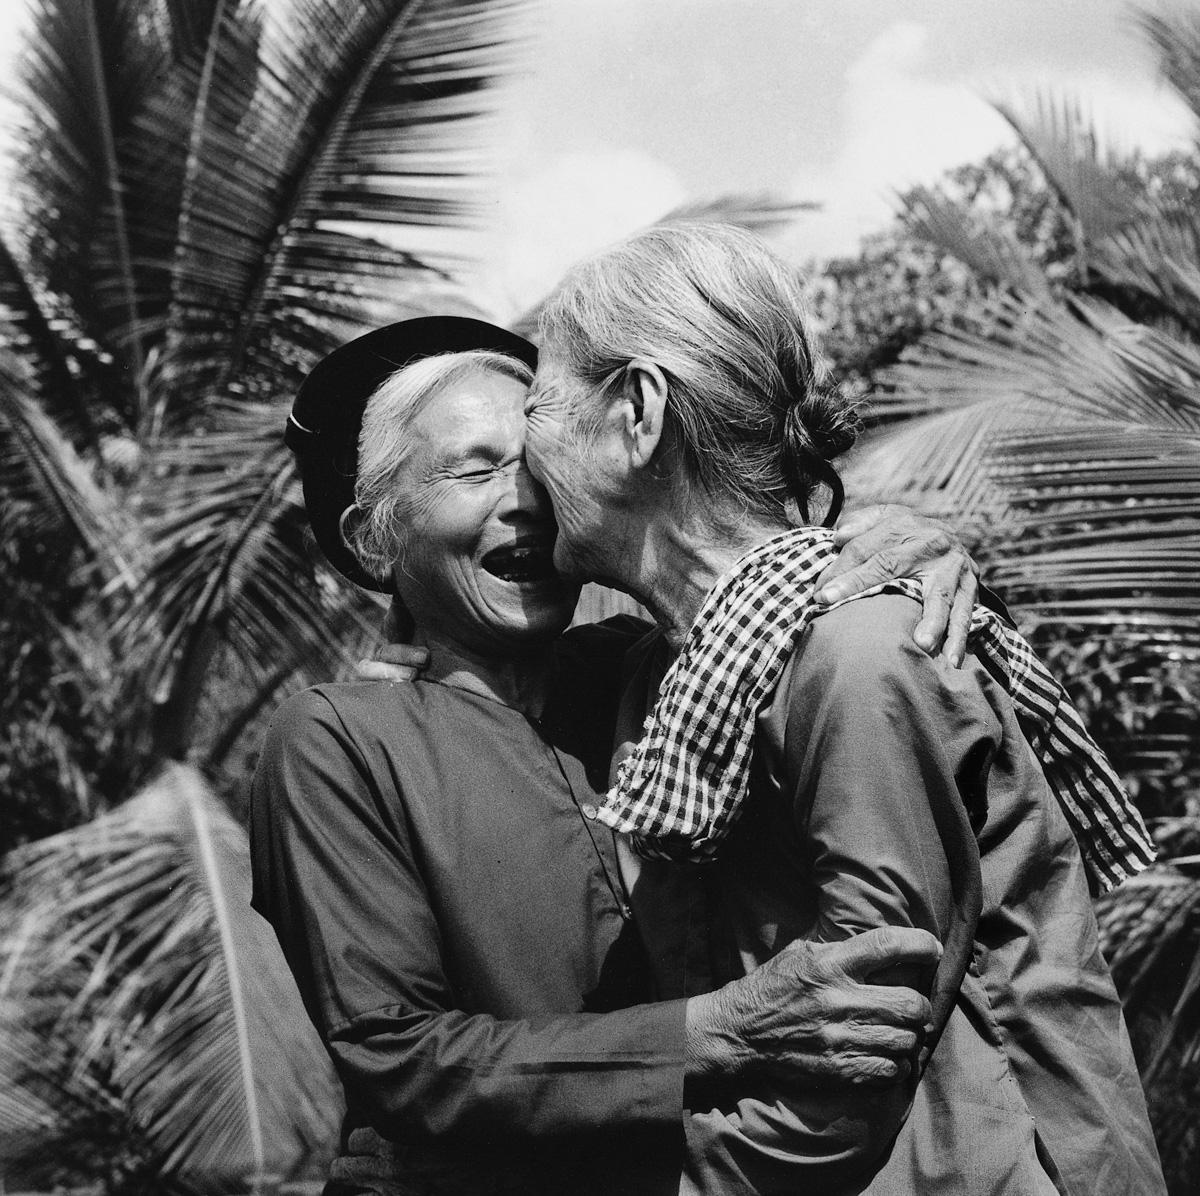 Mayıs 1975, Kuzeyli ve Güneyli Vietnamlıların sevinç kucaklaşması. Vietnam yeniden birleşti ve emperyalist işgale boyun eğmedi.